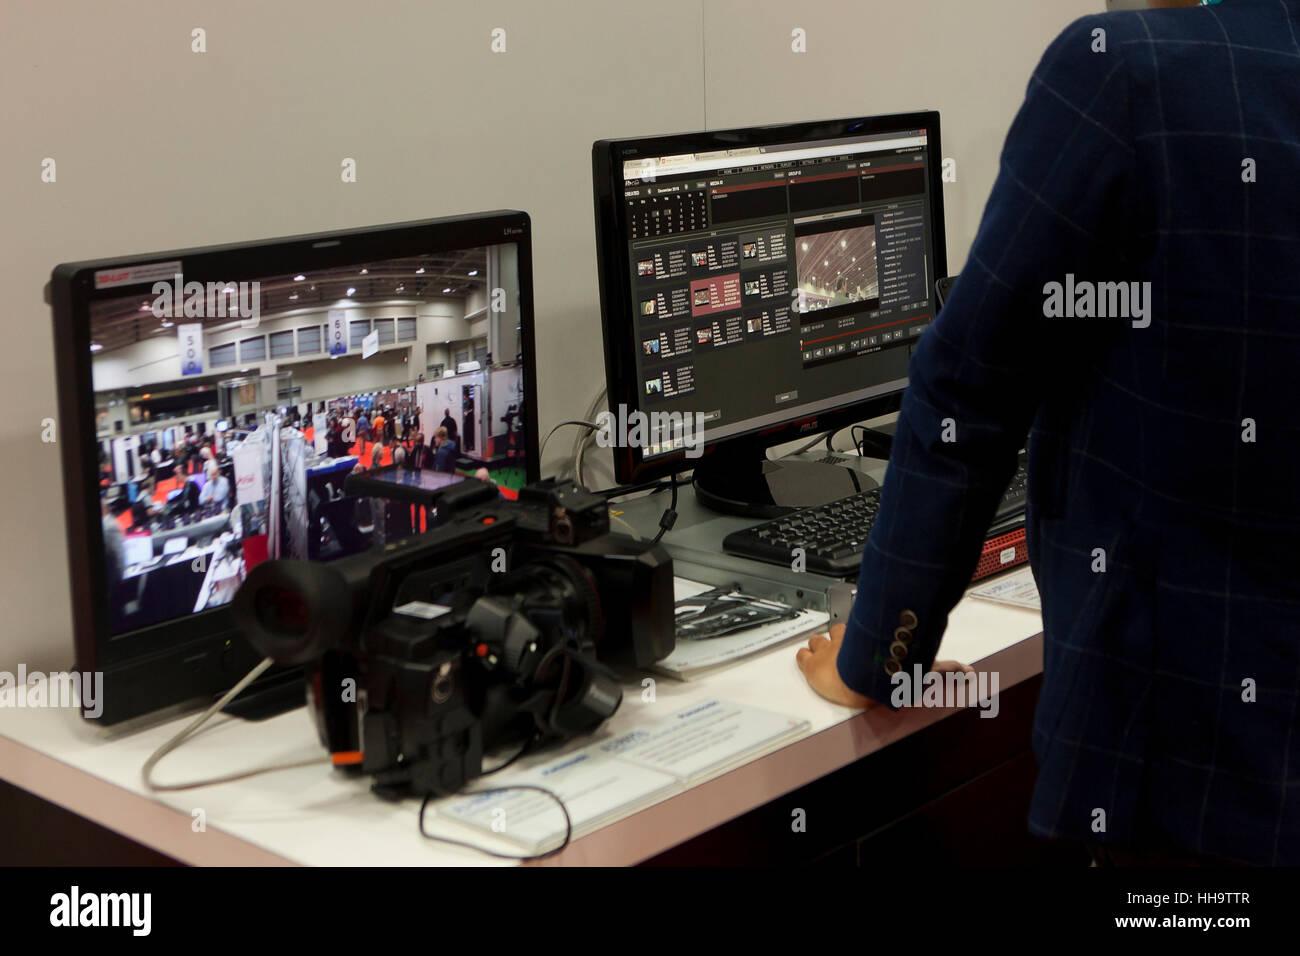 Station de travail ordinateur logiciel montage vidéo à l'écran - USA Photo Stock